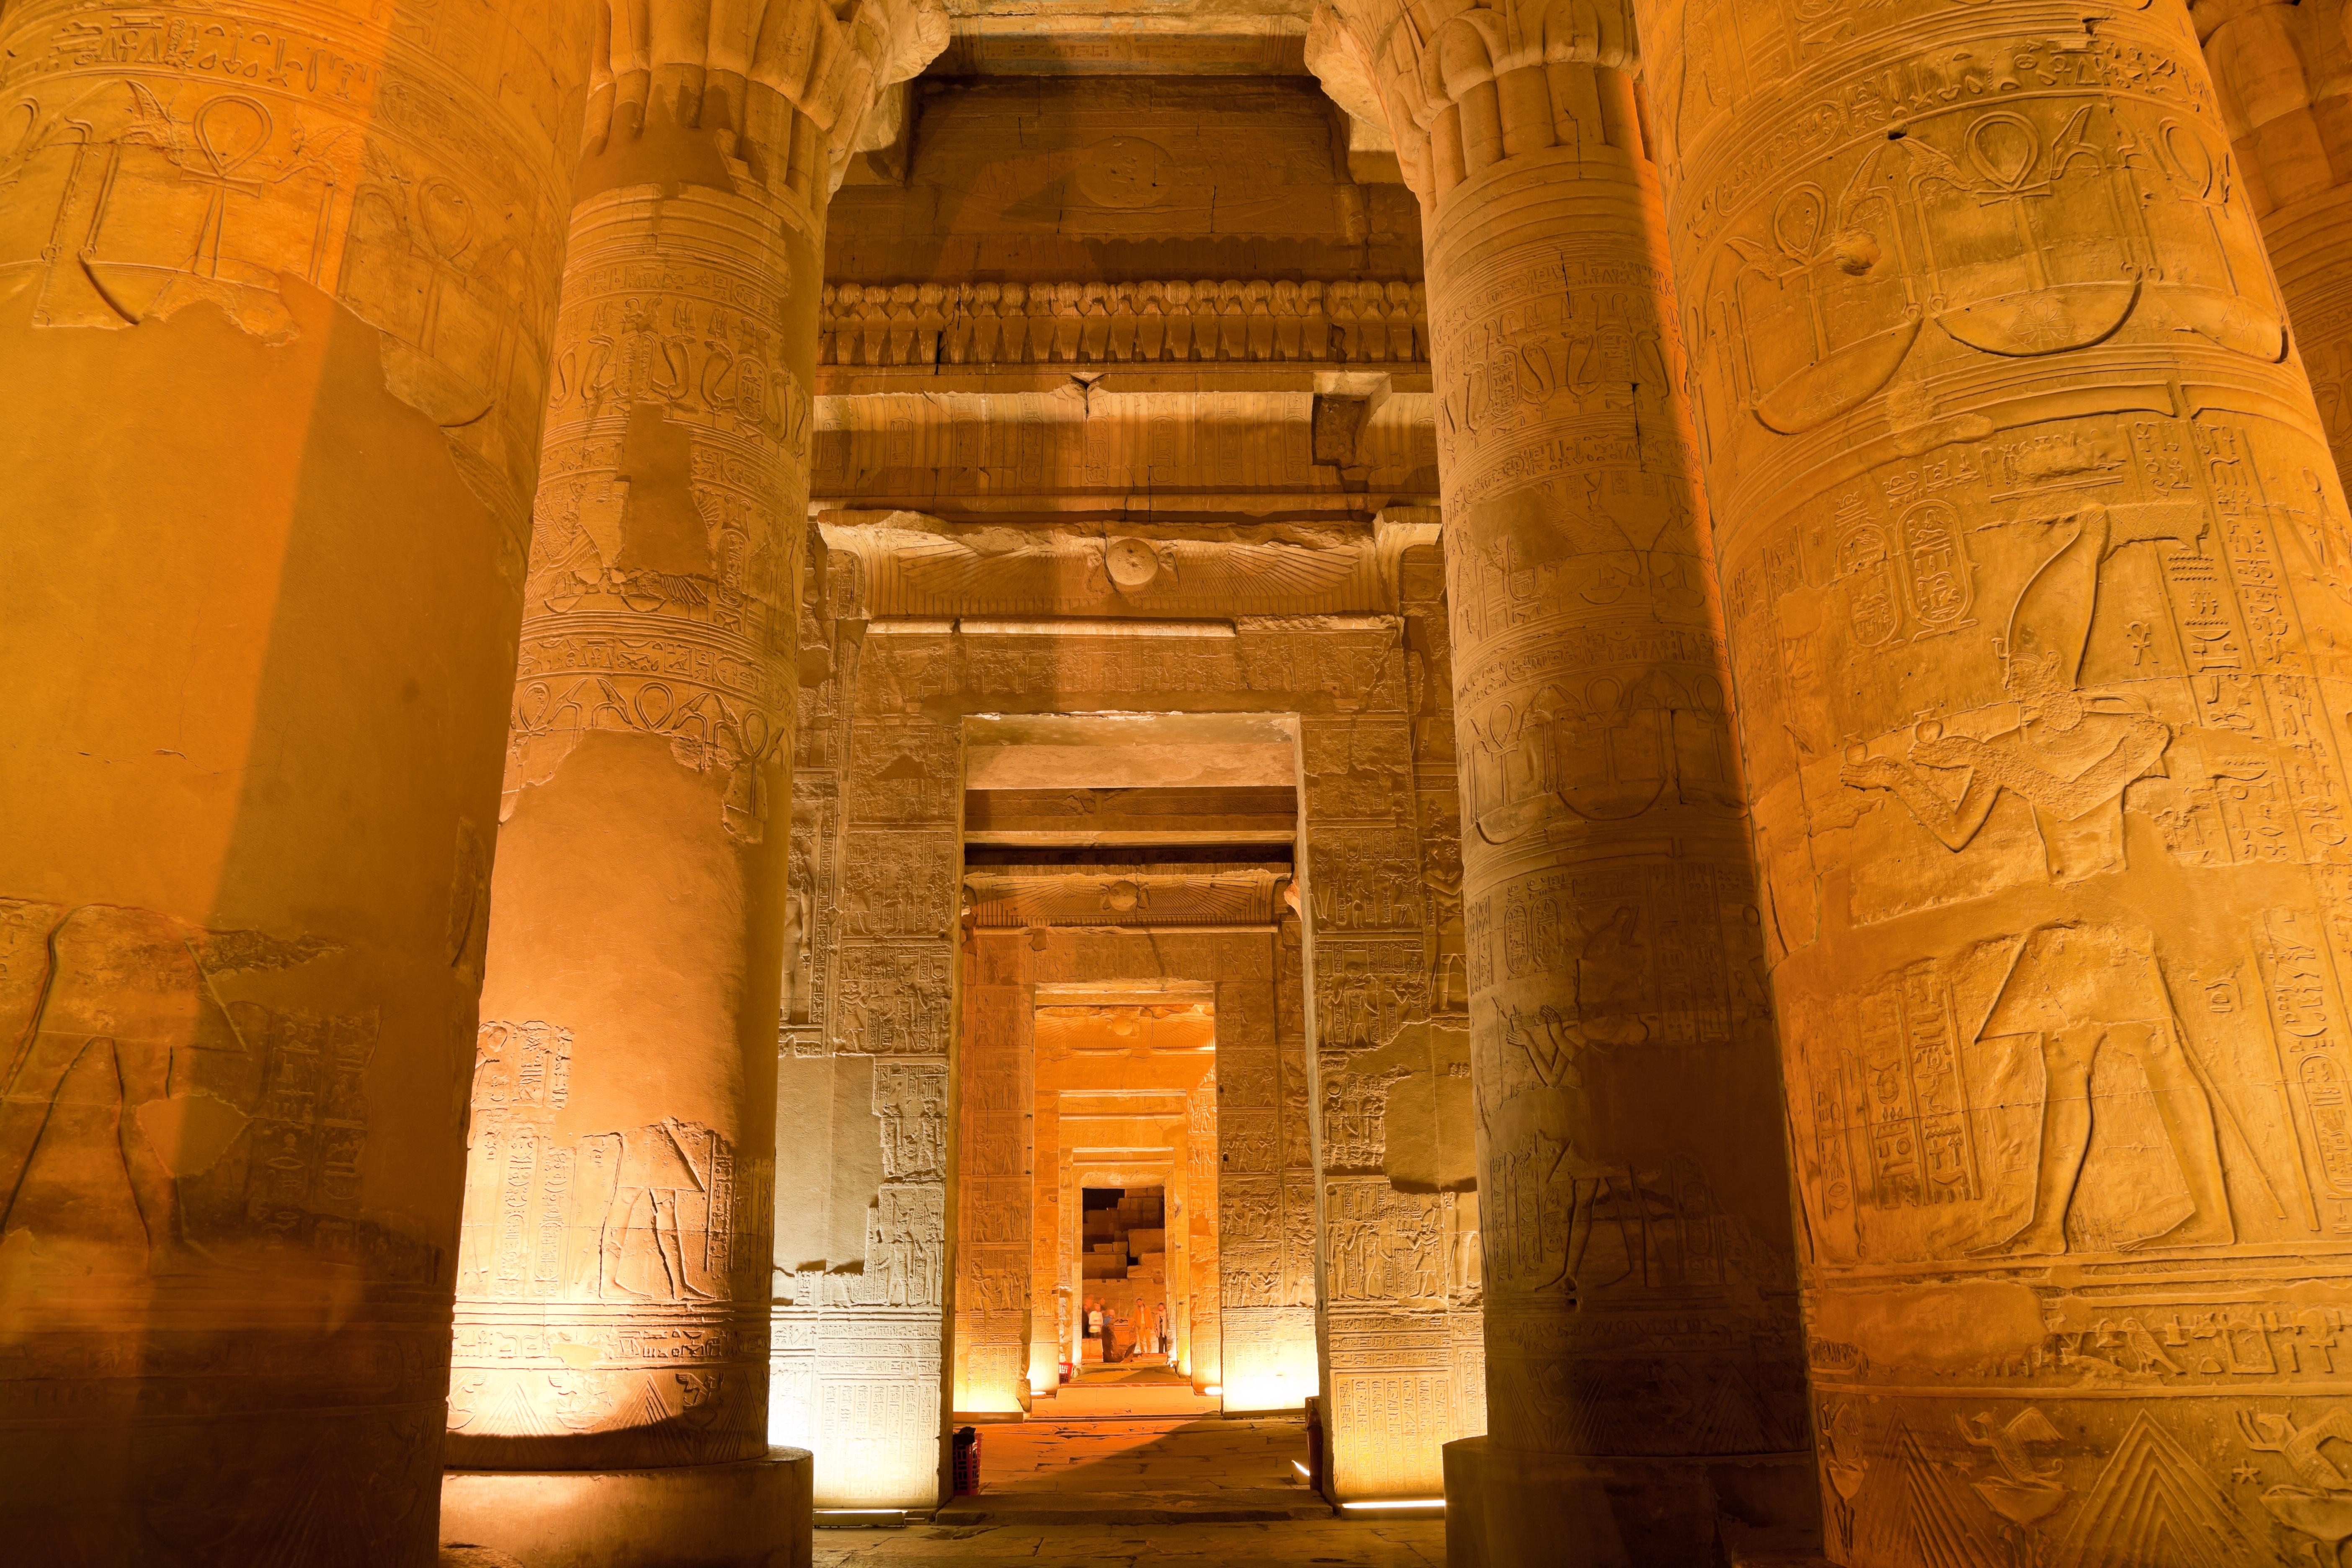 En el interior del Templo de Kom Ombo - Egipto Circuito Heket y Mar Rojo